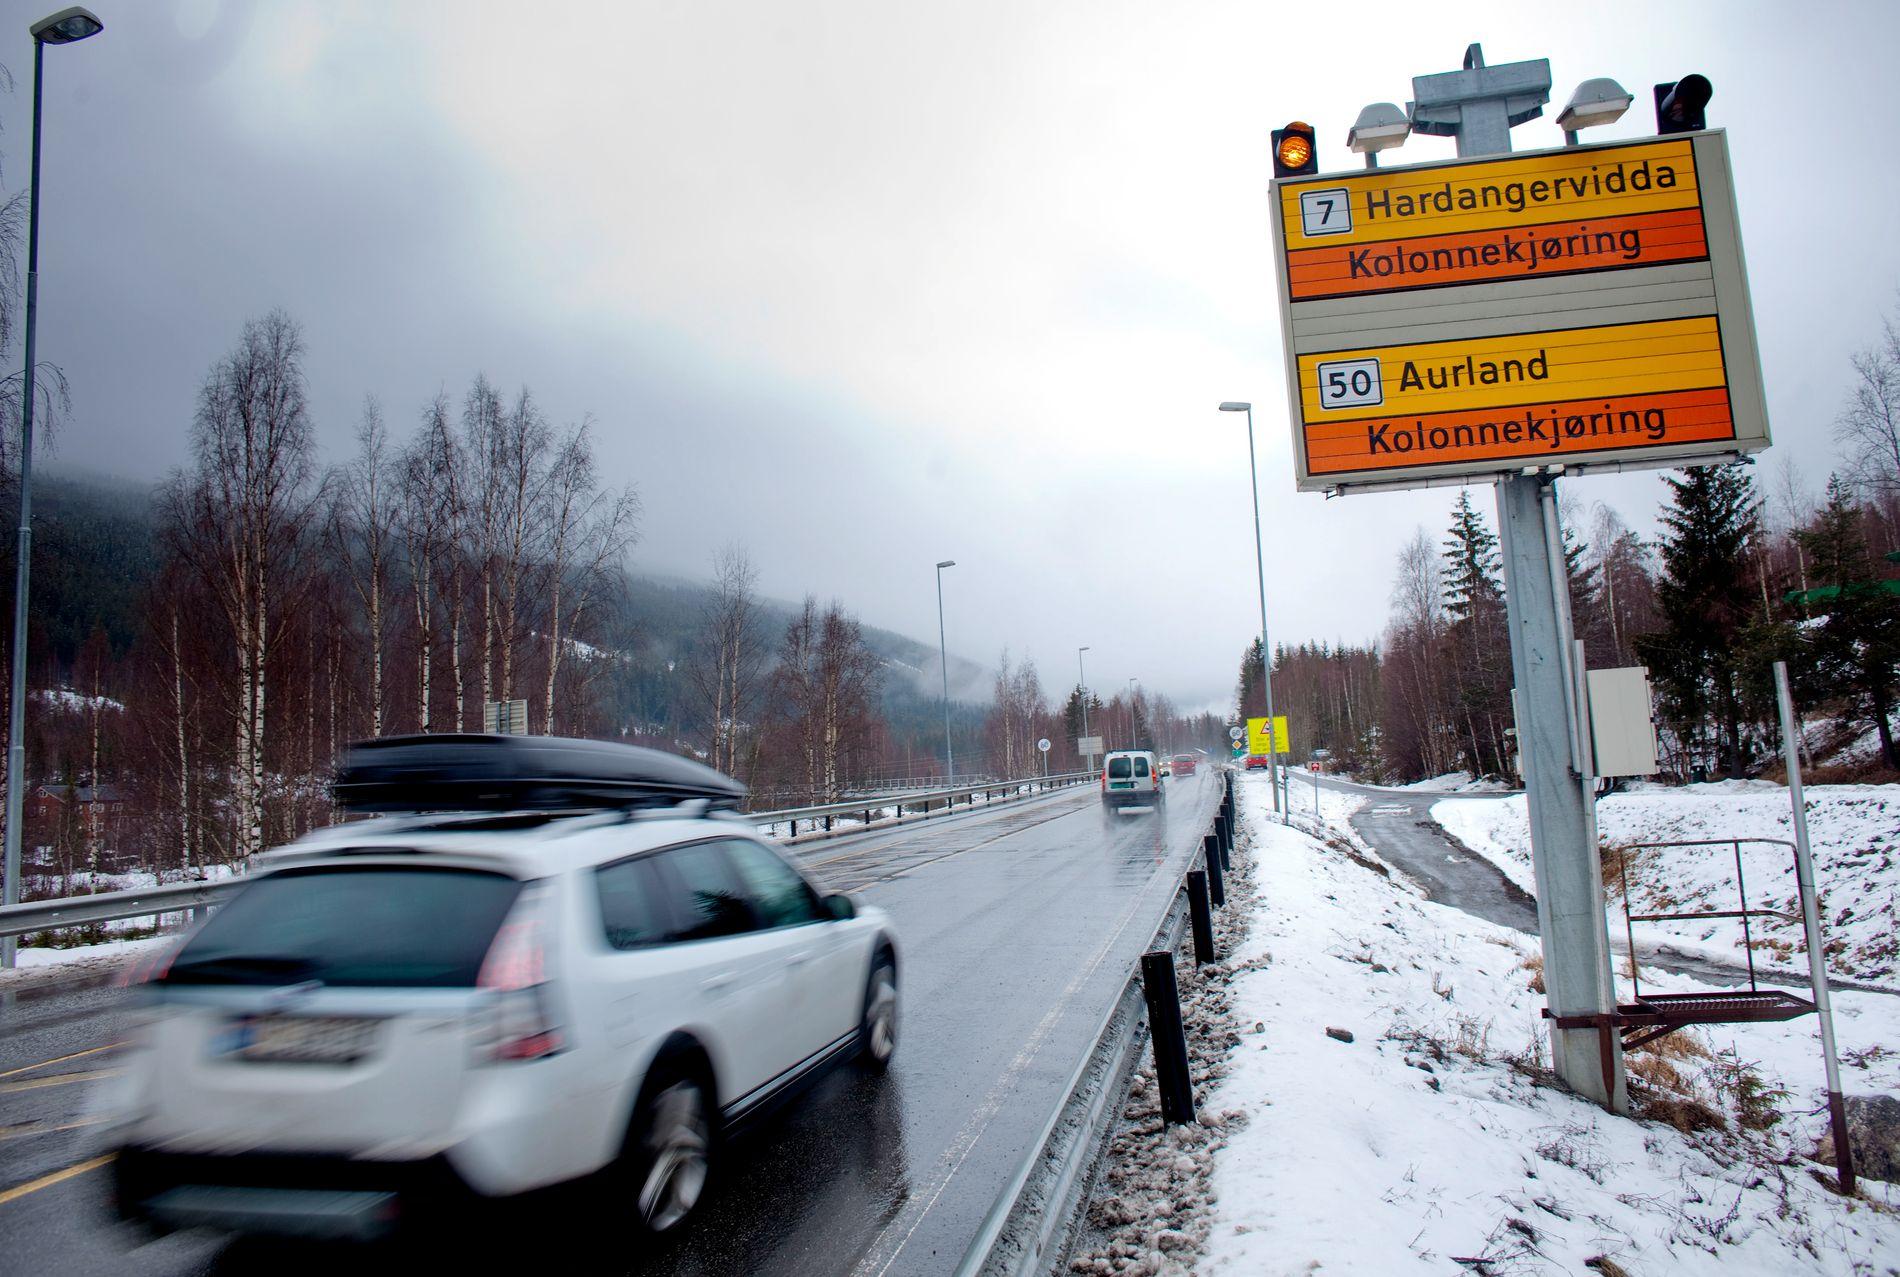 Vi var svært glade for at Riksvei 7 skulle bli hovedvei mellom øst og vest, og forventet at det ble fulgt opp med bevilgning av penger for å utbedre veien, spesielt over Hardangervidda slik at veien kunne holdes åpen om vinteren, skriver innsender.